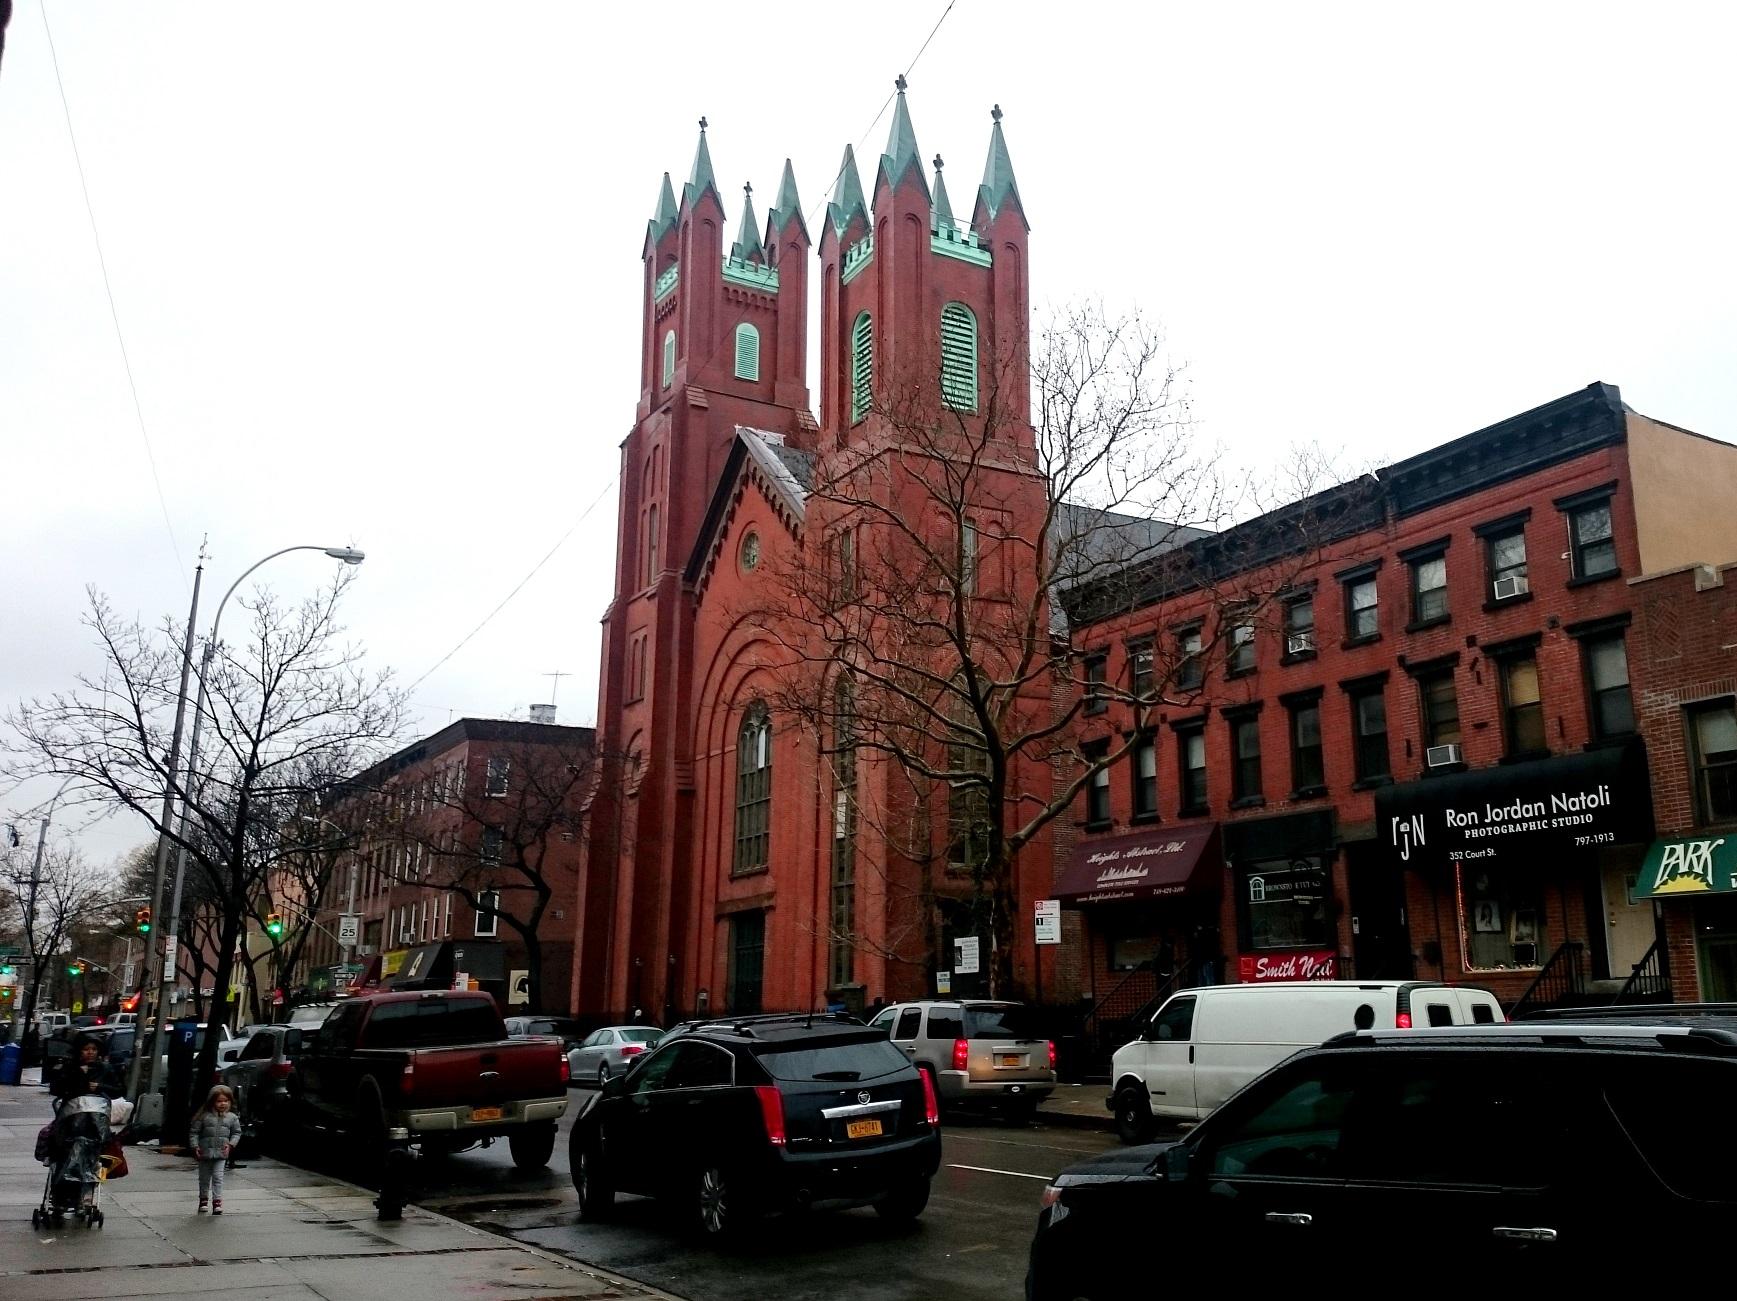 Residency Unlimited, Brooklyn Photo: Andrzej Raszyk